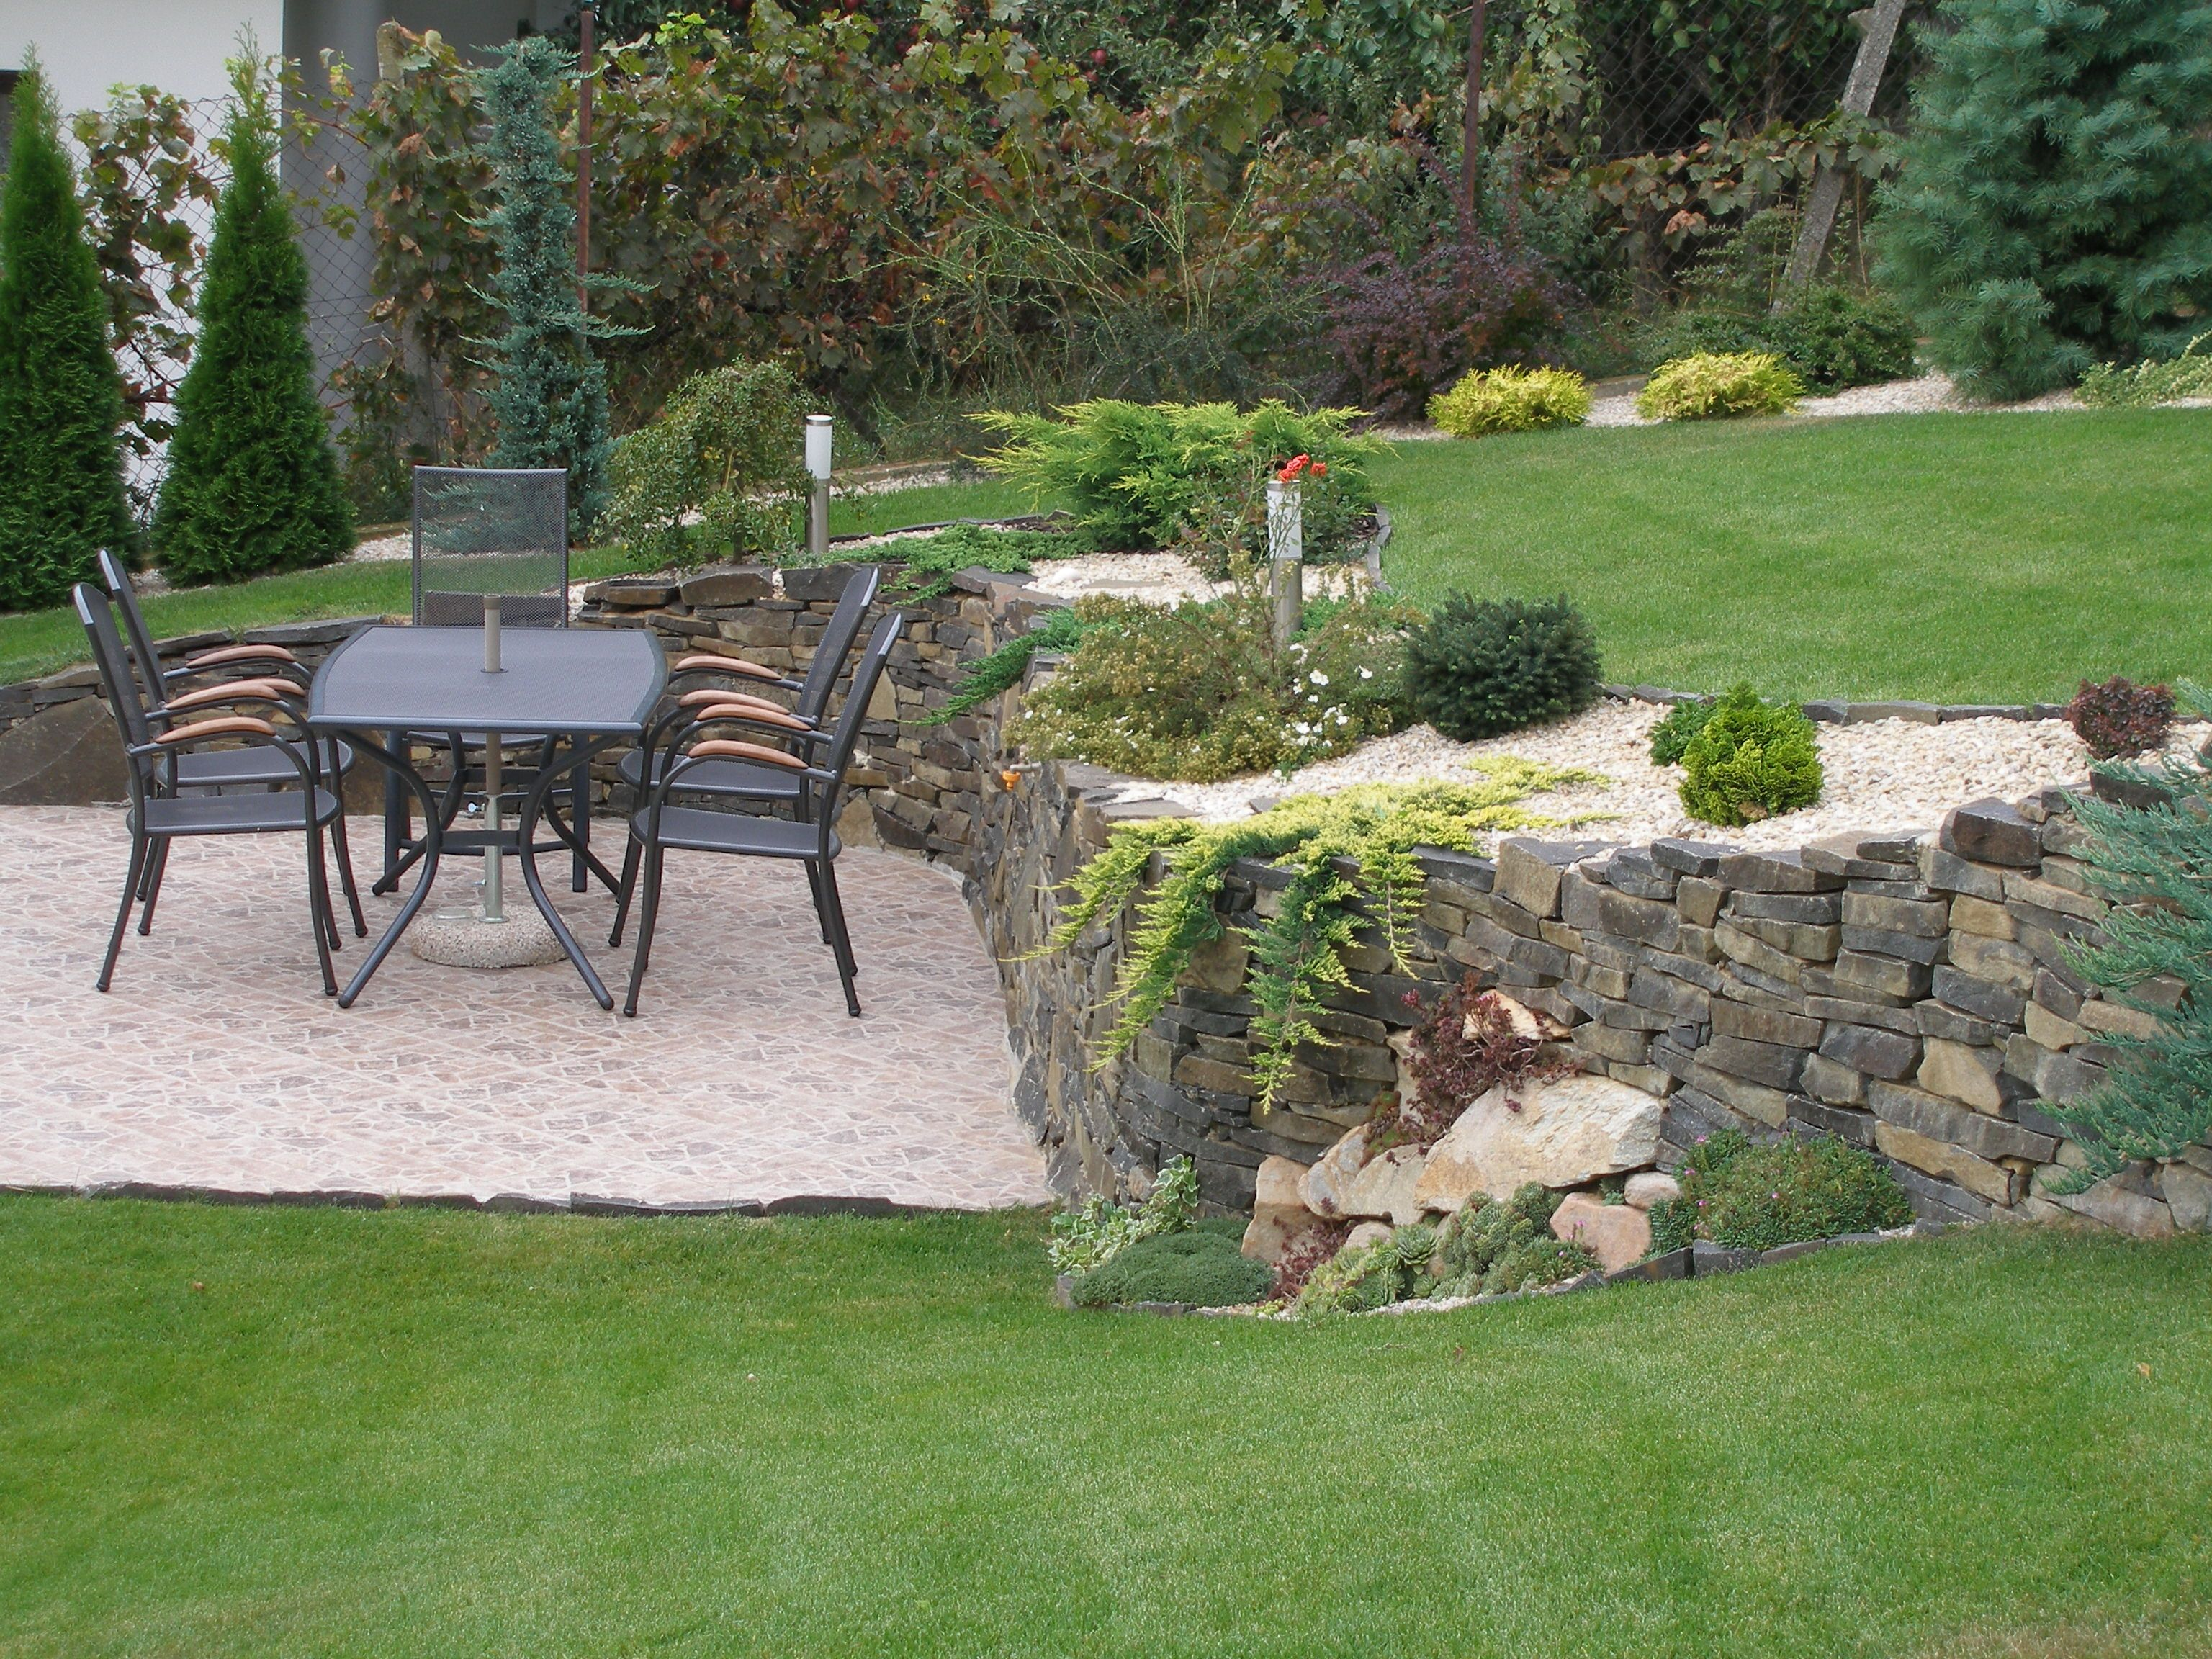 Kameň v záhrade | Rudbeckia